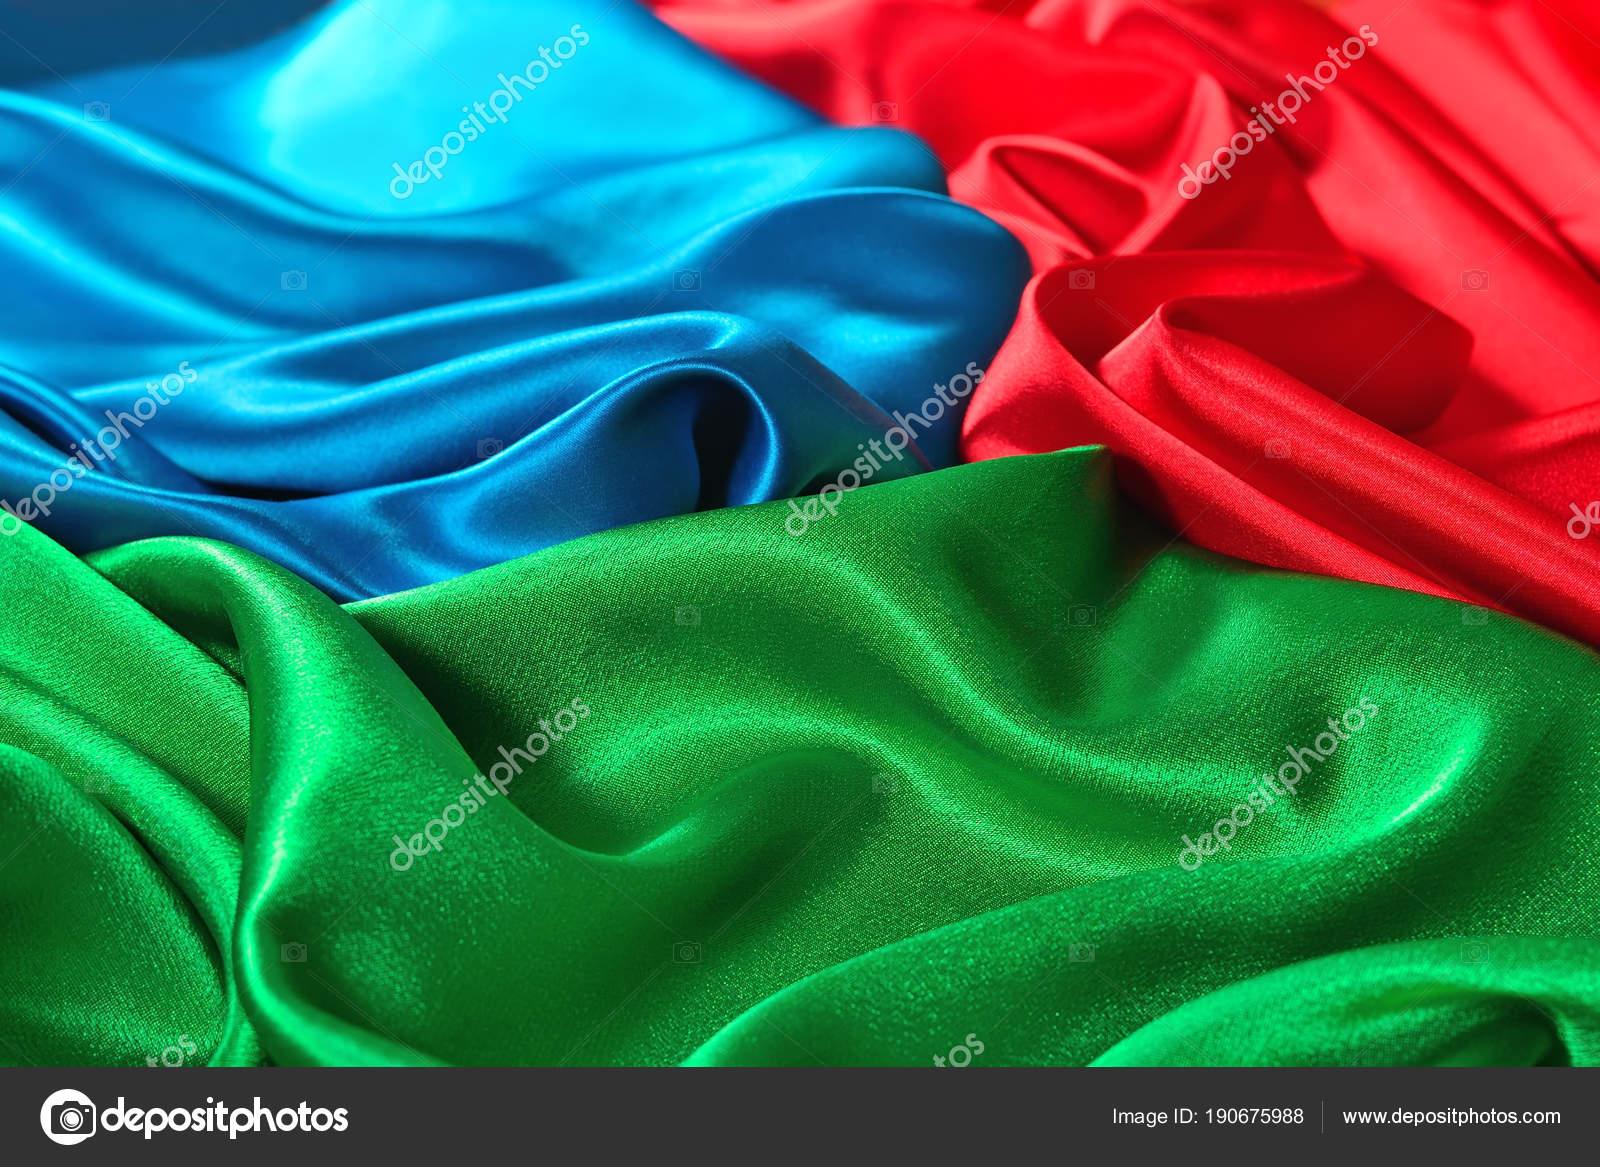 Textura De Tela De Raso Azul, Rojo Y Verde Natural